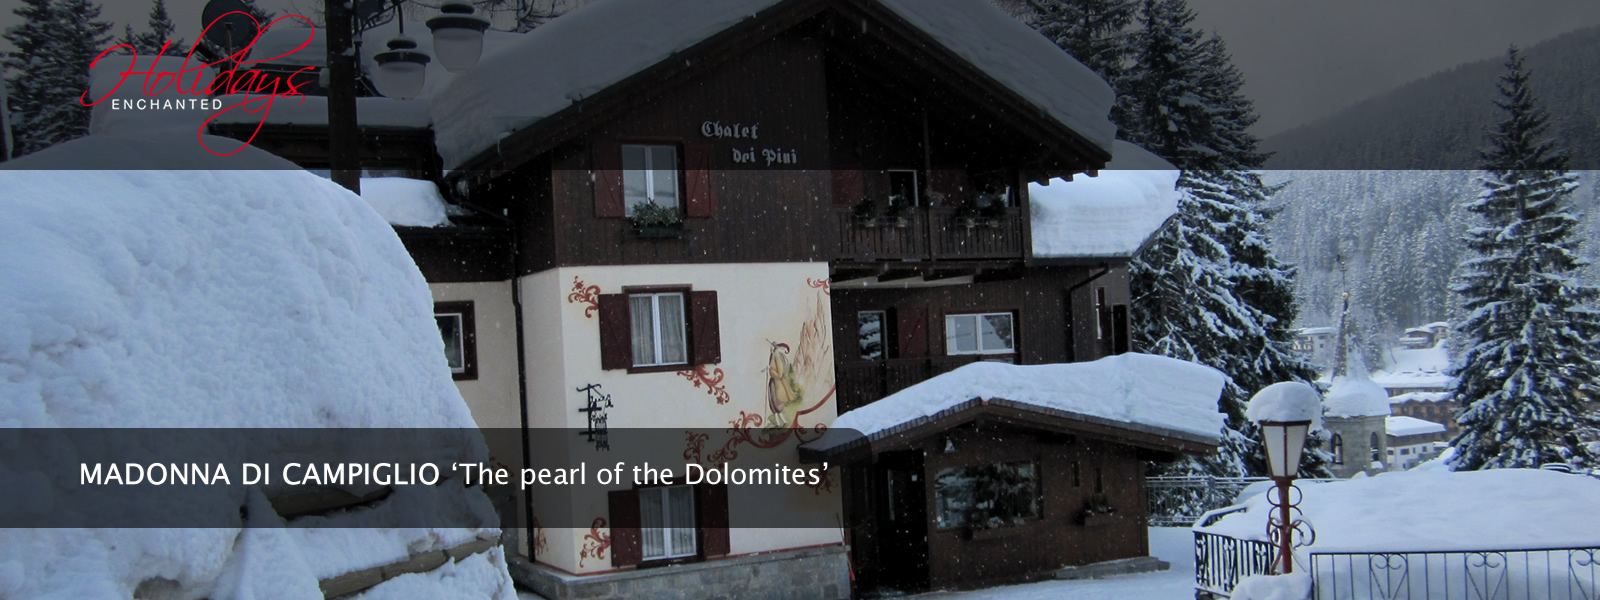 Residence Chalet dei Pini, Madonna di Campiglio